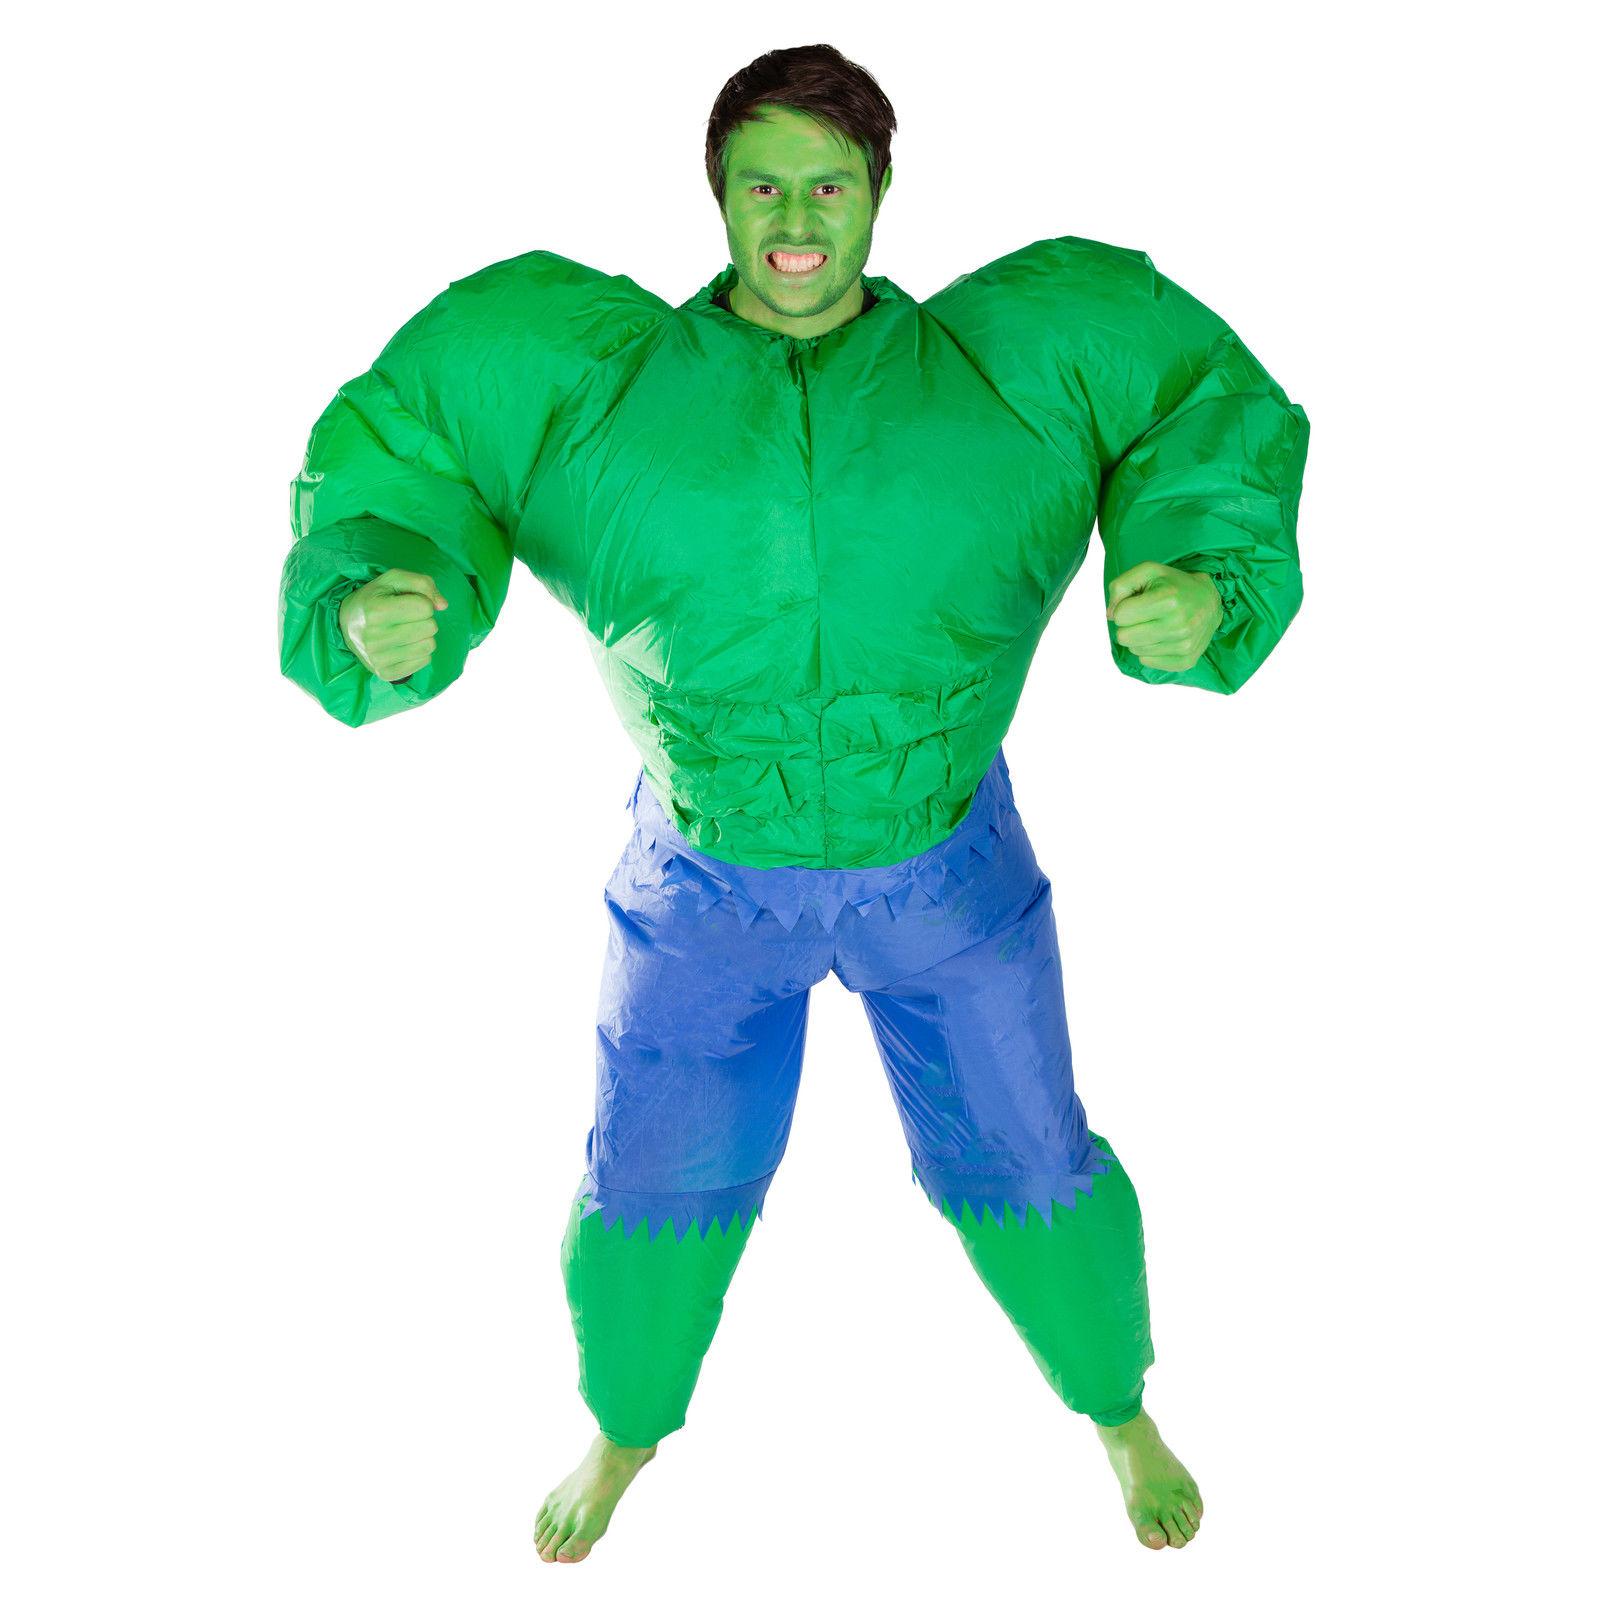 incredible hulk costume - HD1600×1600